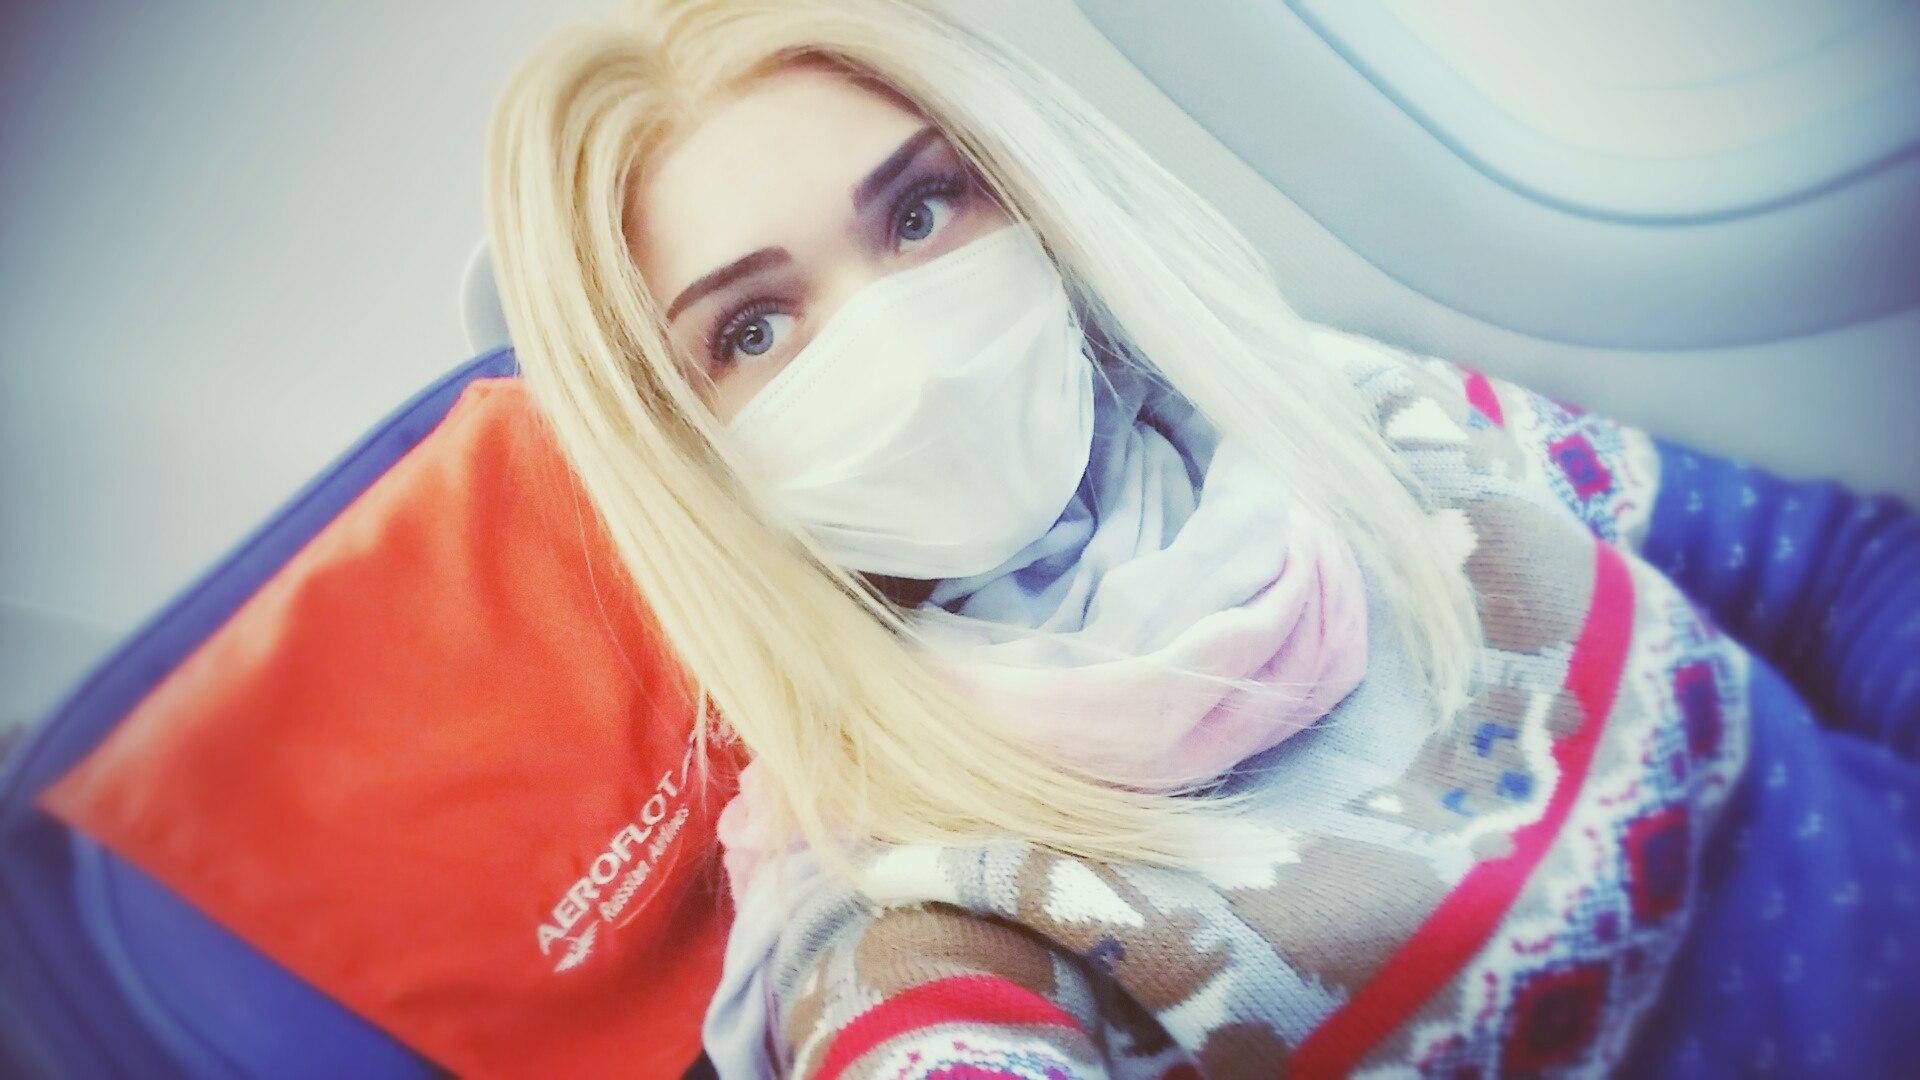 Семья воркутинки Ларисы Дугиной просит о помощи на ее лечение от рака крови